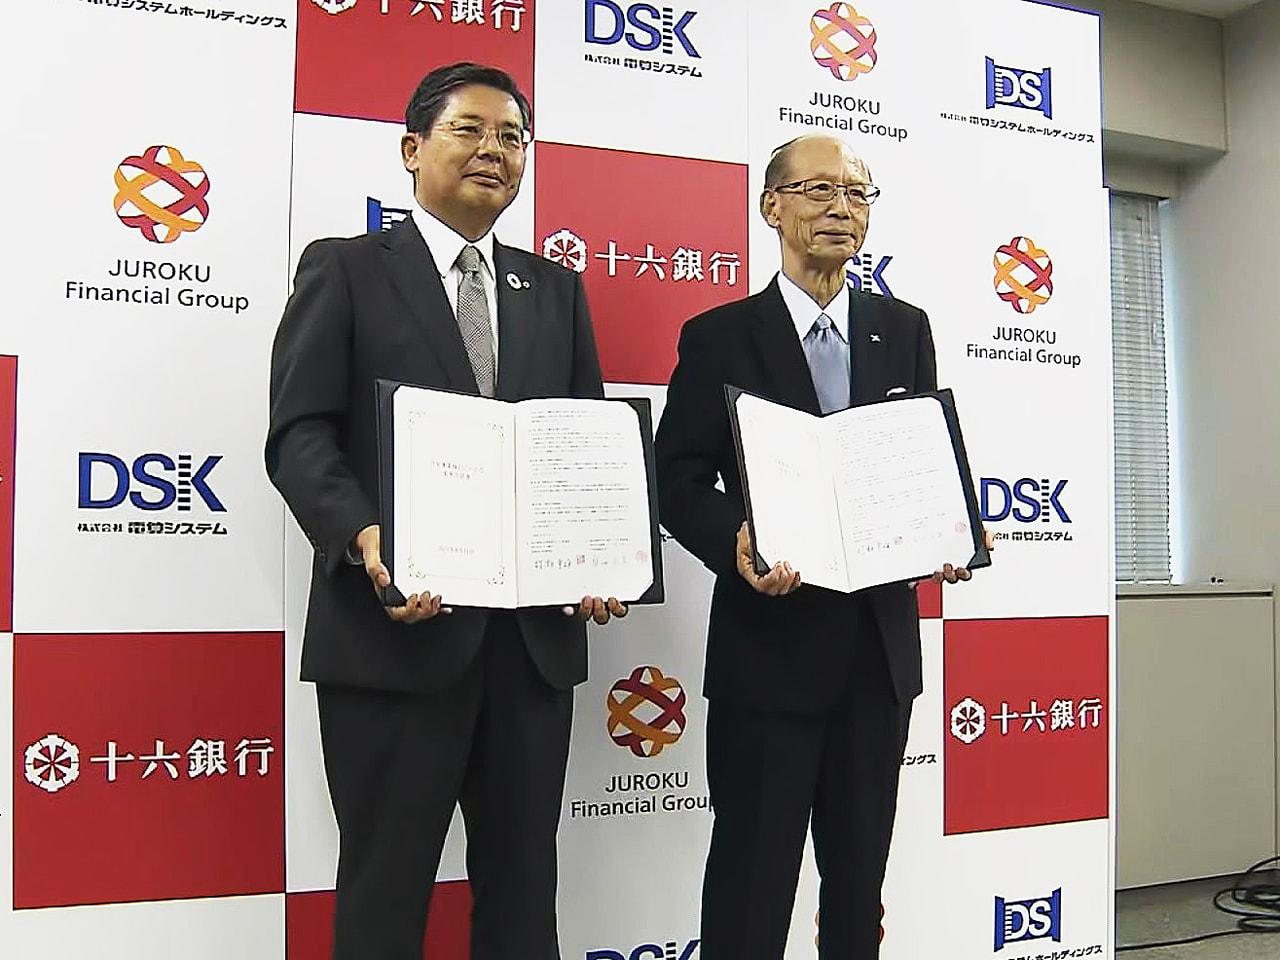 十六銀行は、地域の企業や行政のデジタル化を推進するため、岐阜市のIT企業と、合弁...